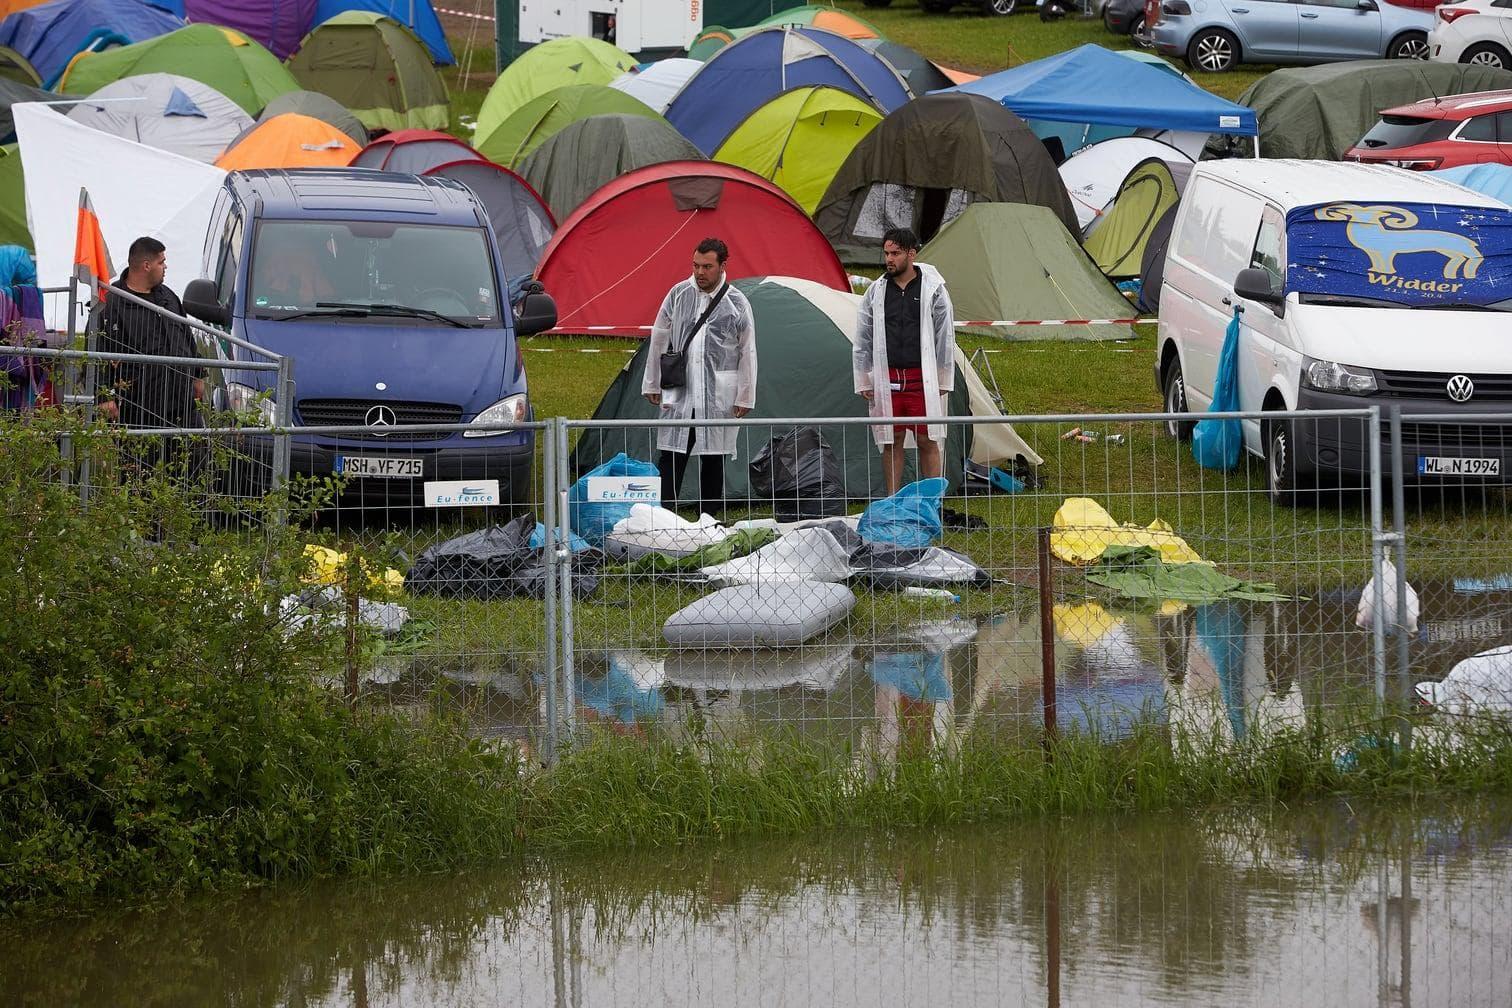 <p>Ein Teich hat sich nach einem kräftigen Gewitterregen auf dem Campinggelände der Musikfestivals gebildet.</p> Foto: dpa